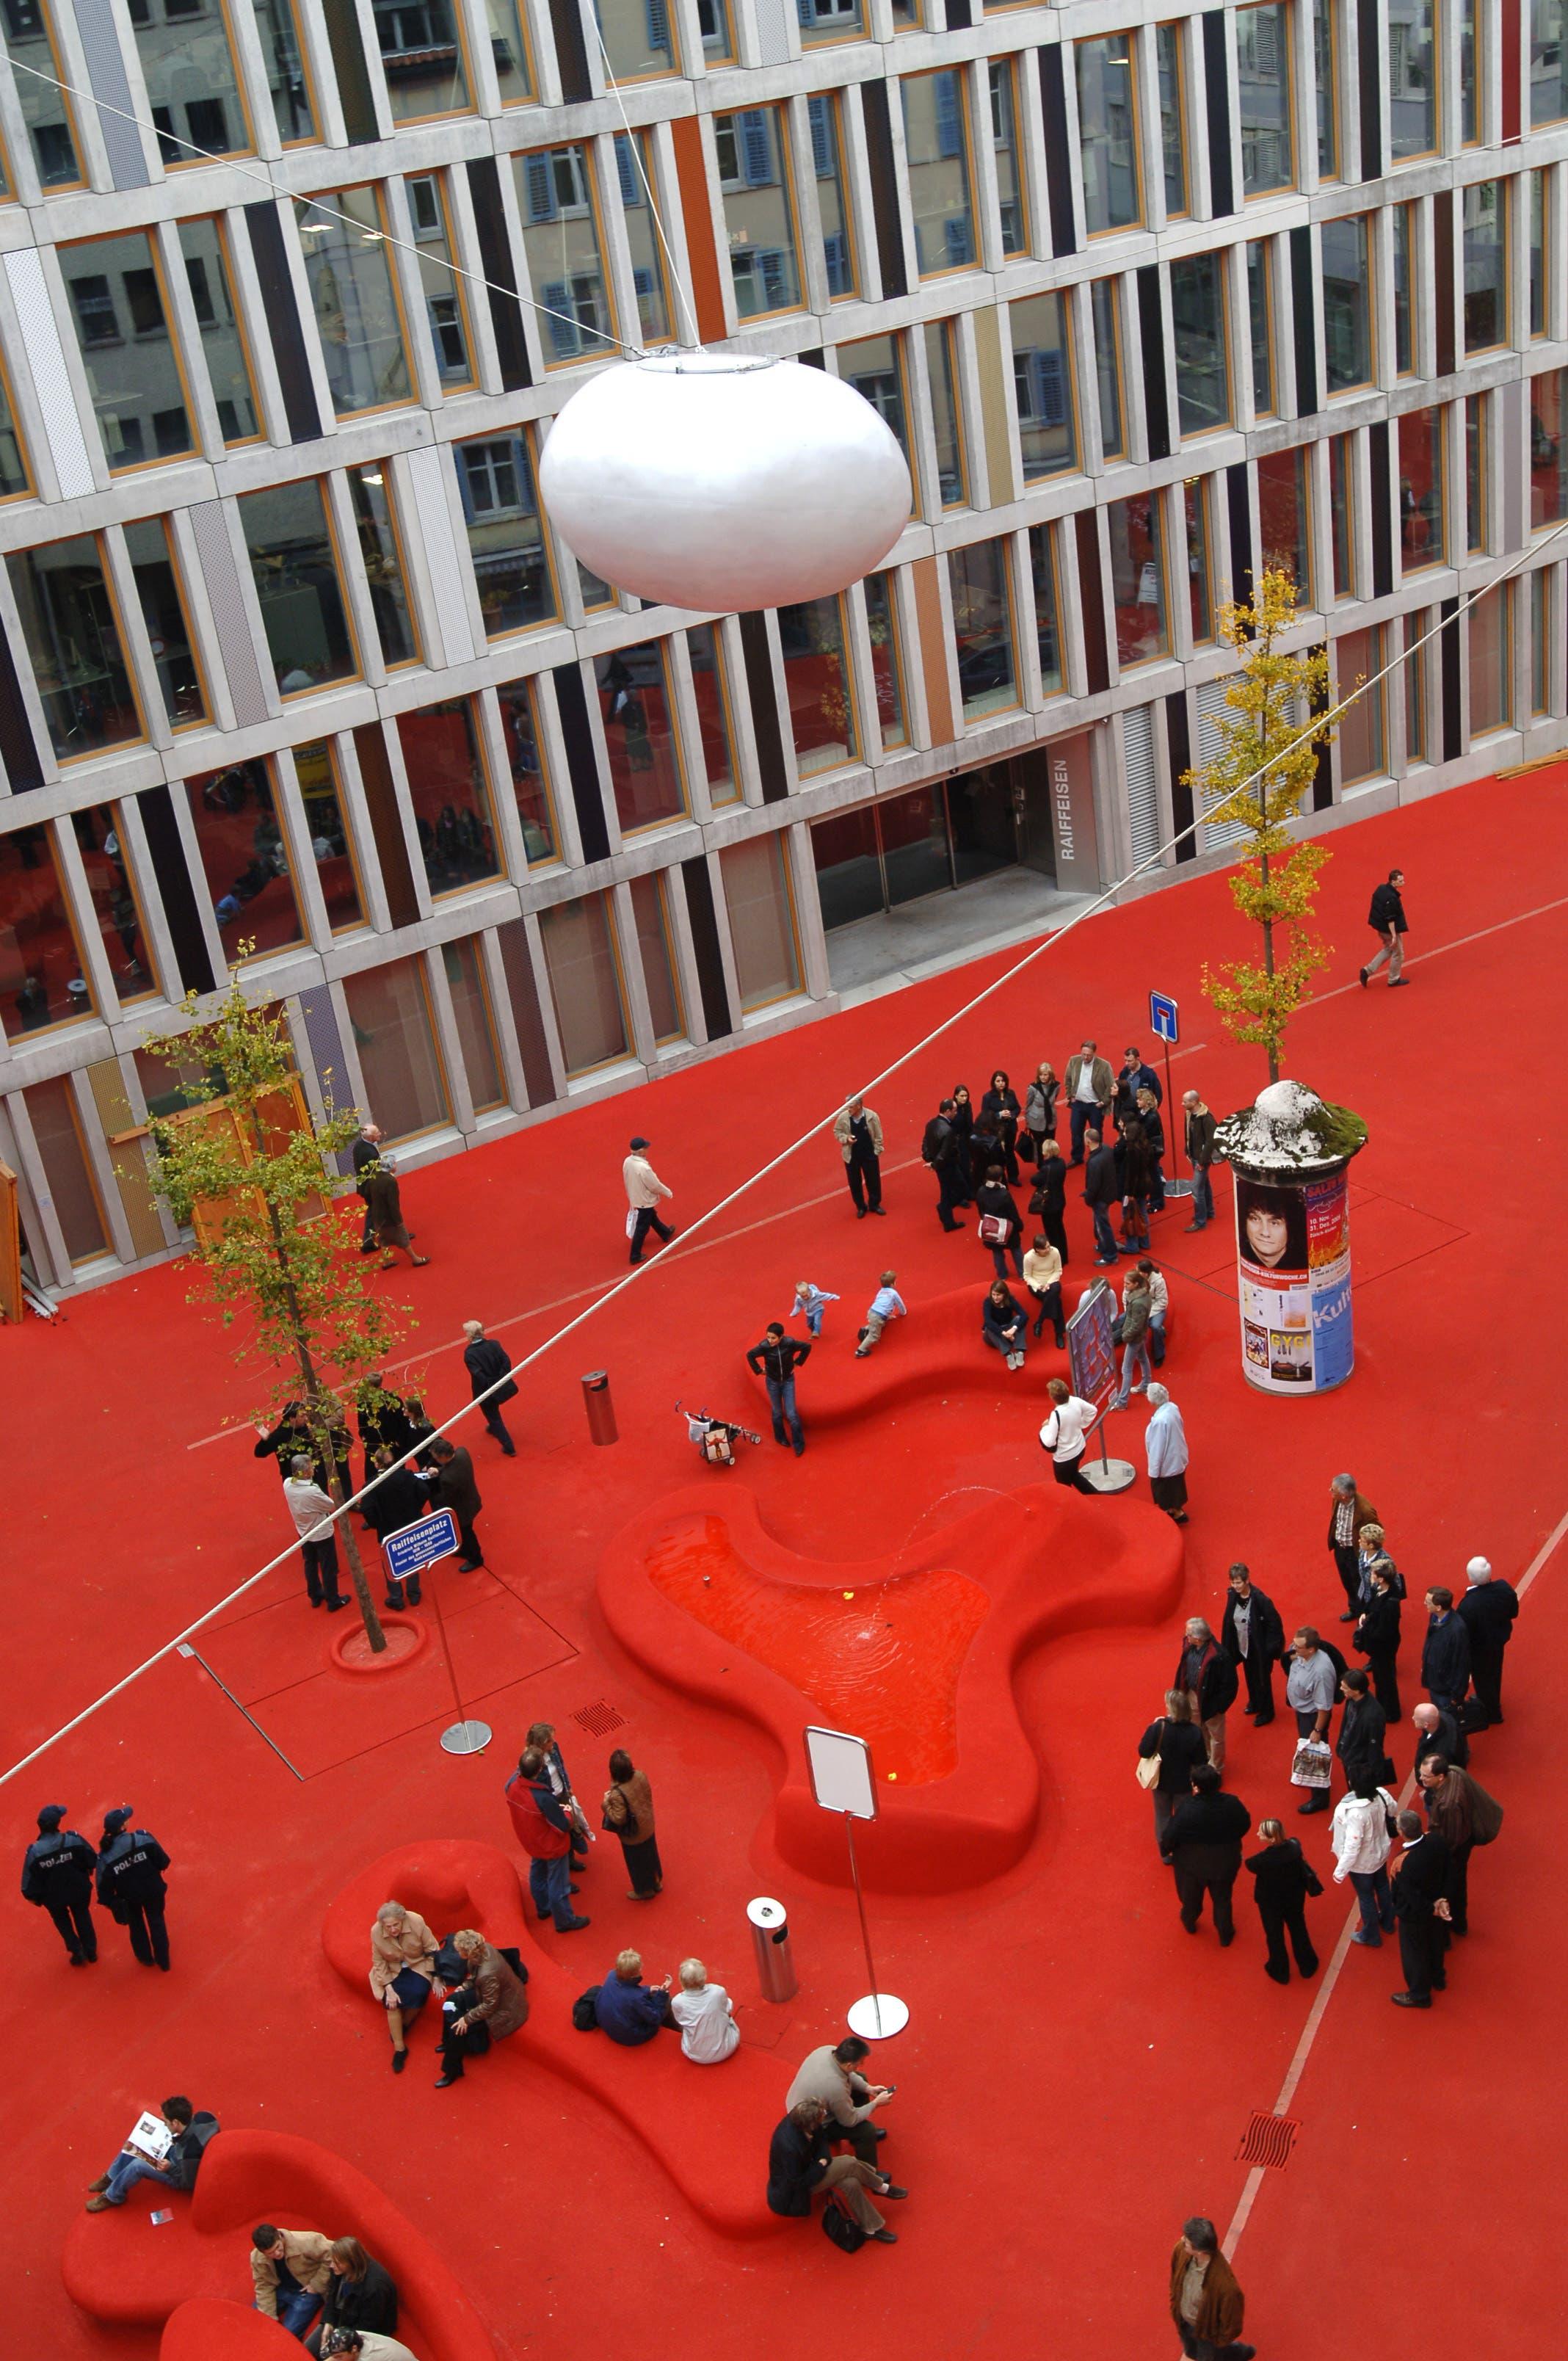 Raiffeisen, St. Gallen Die rote Stadtlounge von Pipilotti Rist und Carlos Martinez macht die Bankbauten aus den 1970er-Jahren attraktiver.Bild: Keystone